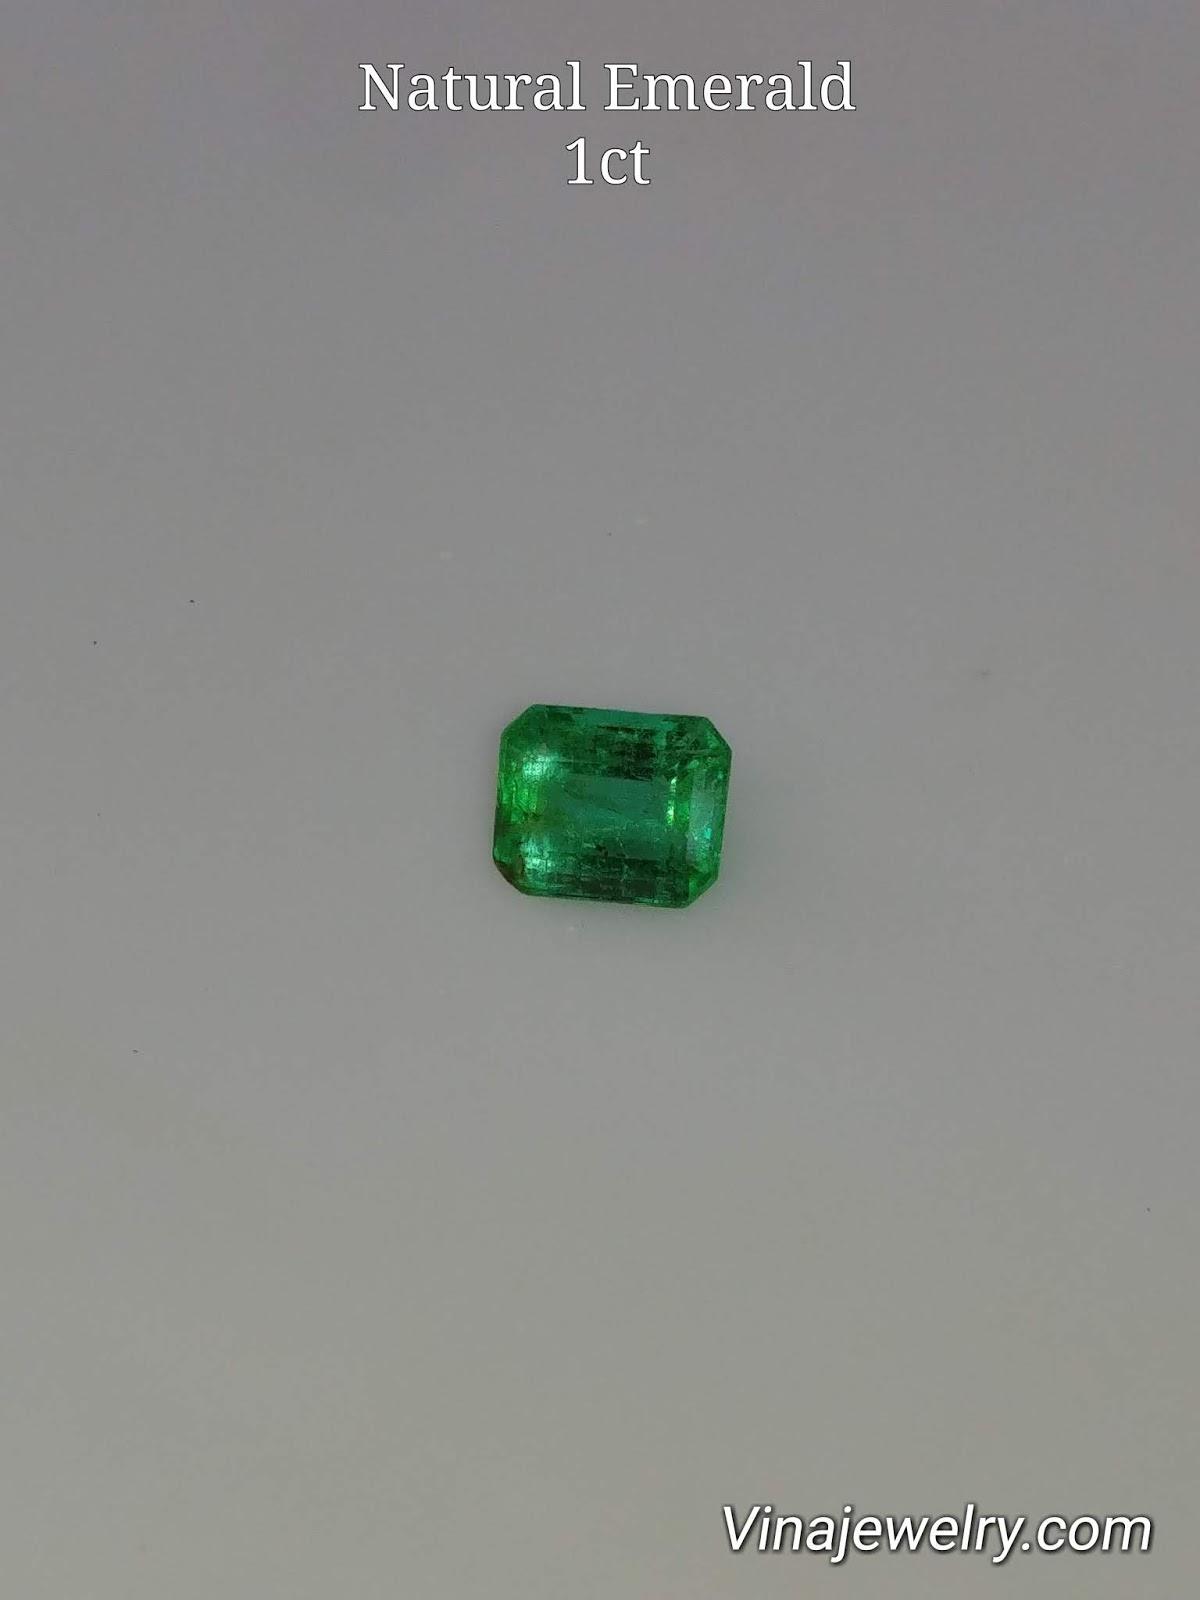 Đá quý Ngọc Lục Bảo, Natural Emerald hình dạng chữ nhật 1ct